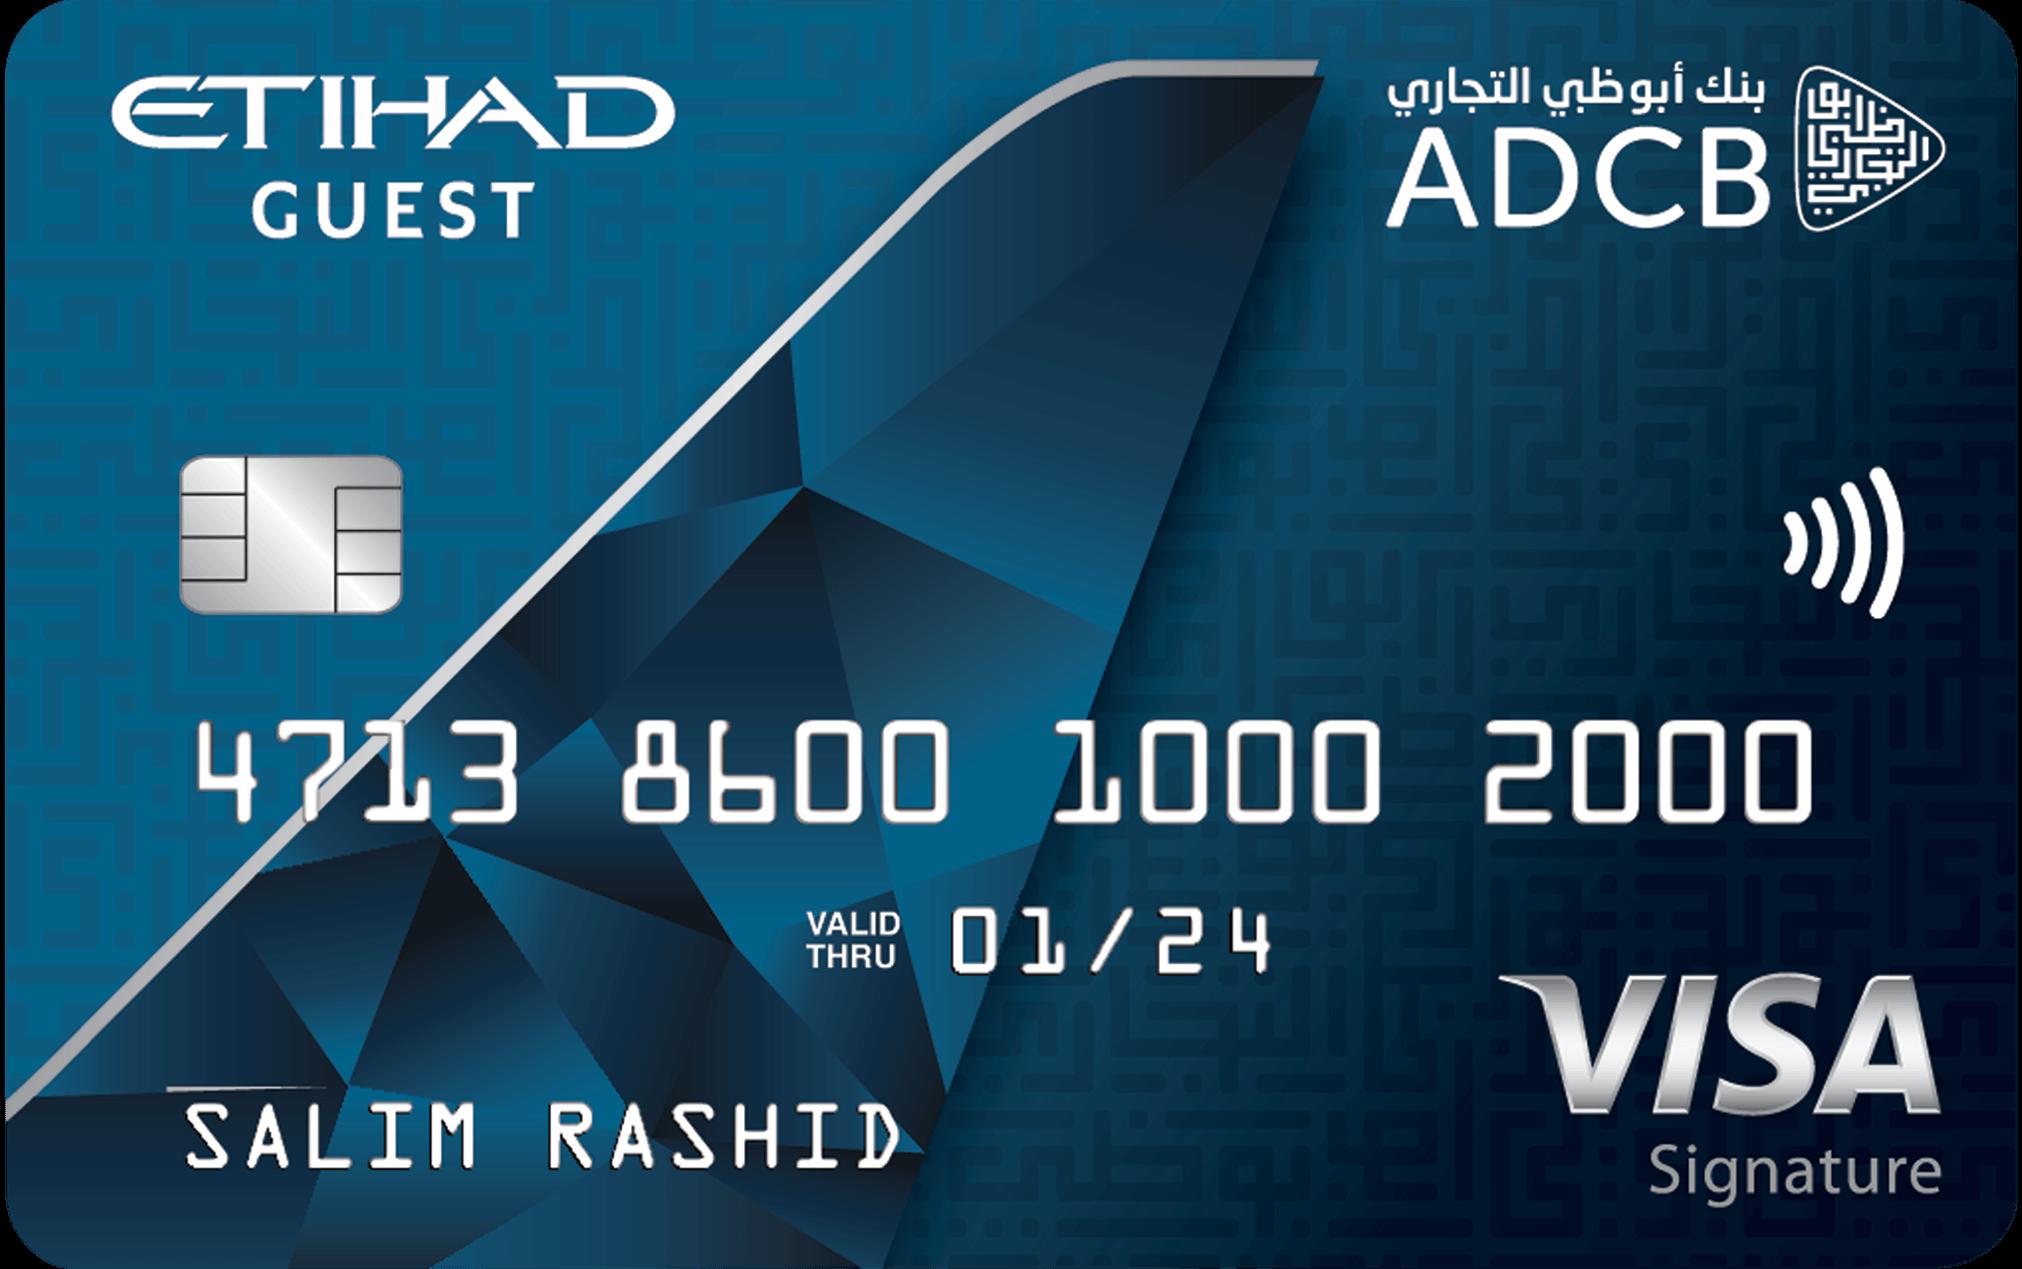 ADCB Etihad Guest Signature Credit Card